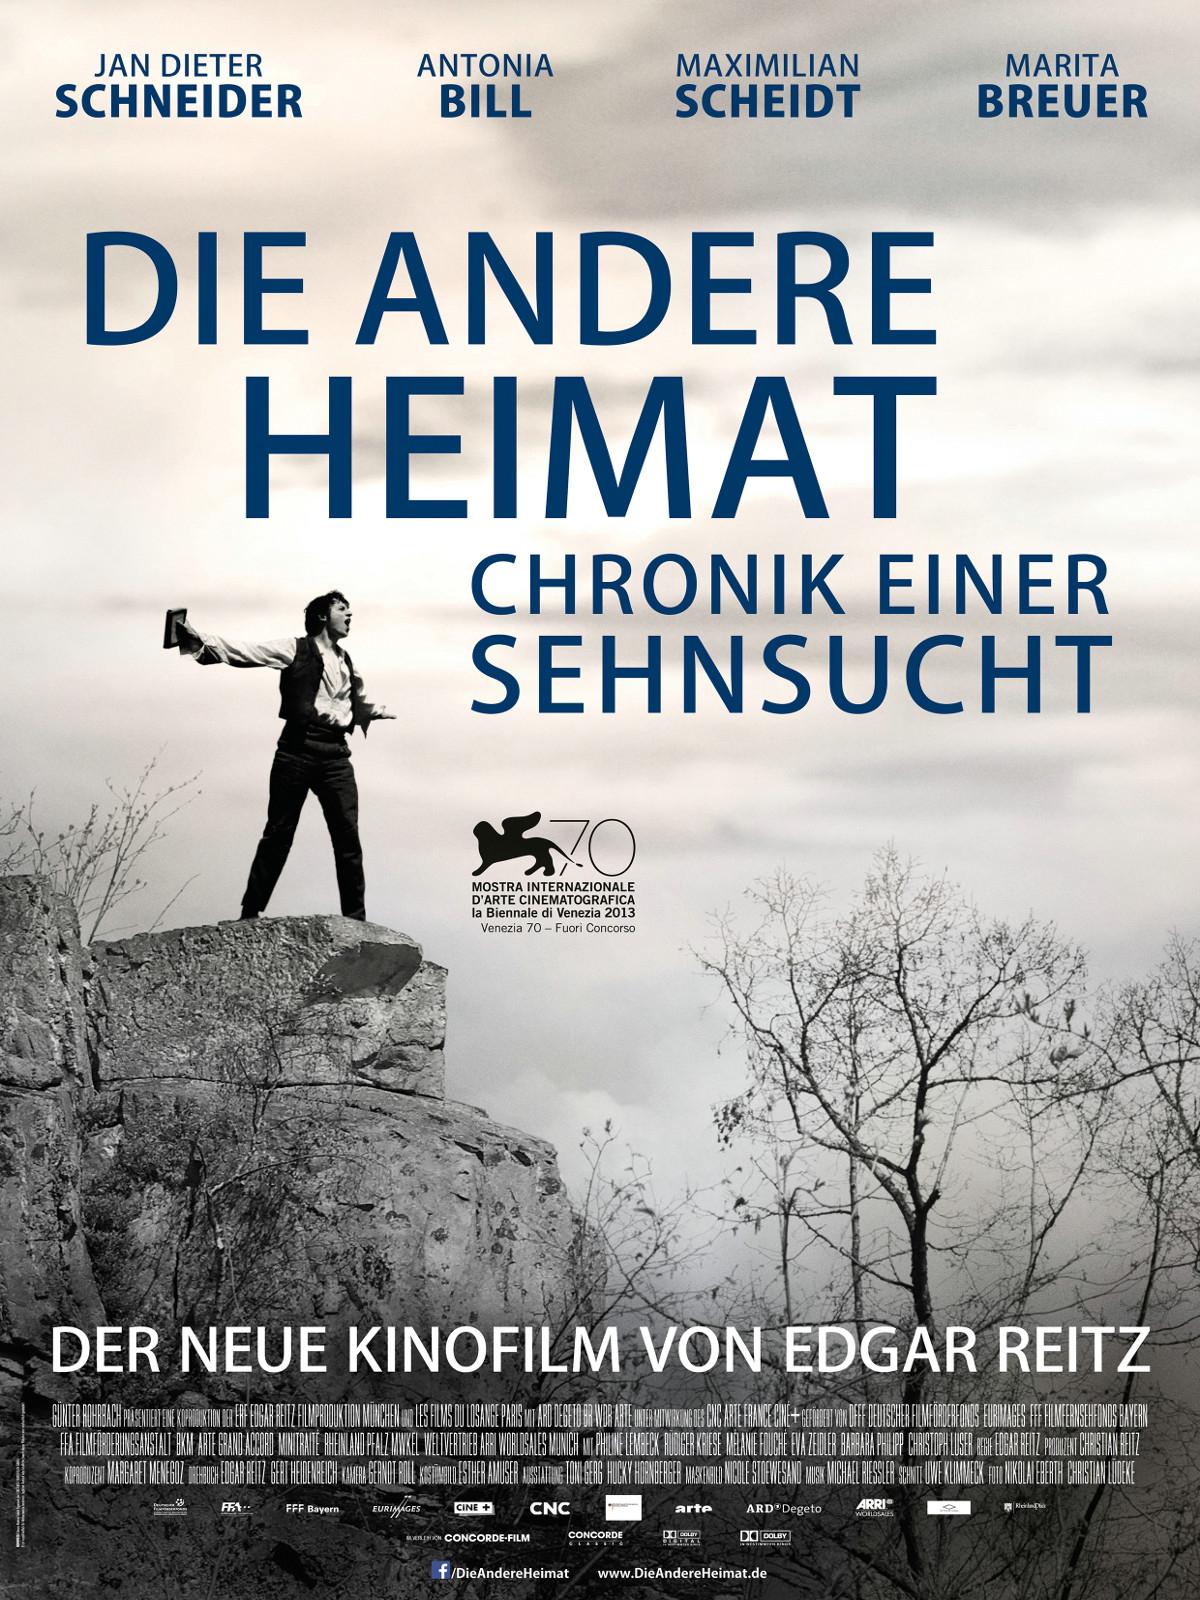 Die andere Heimat - Chronik einer Sehnsucht (kostenloser Stream - Film RBB)